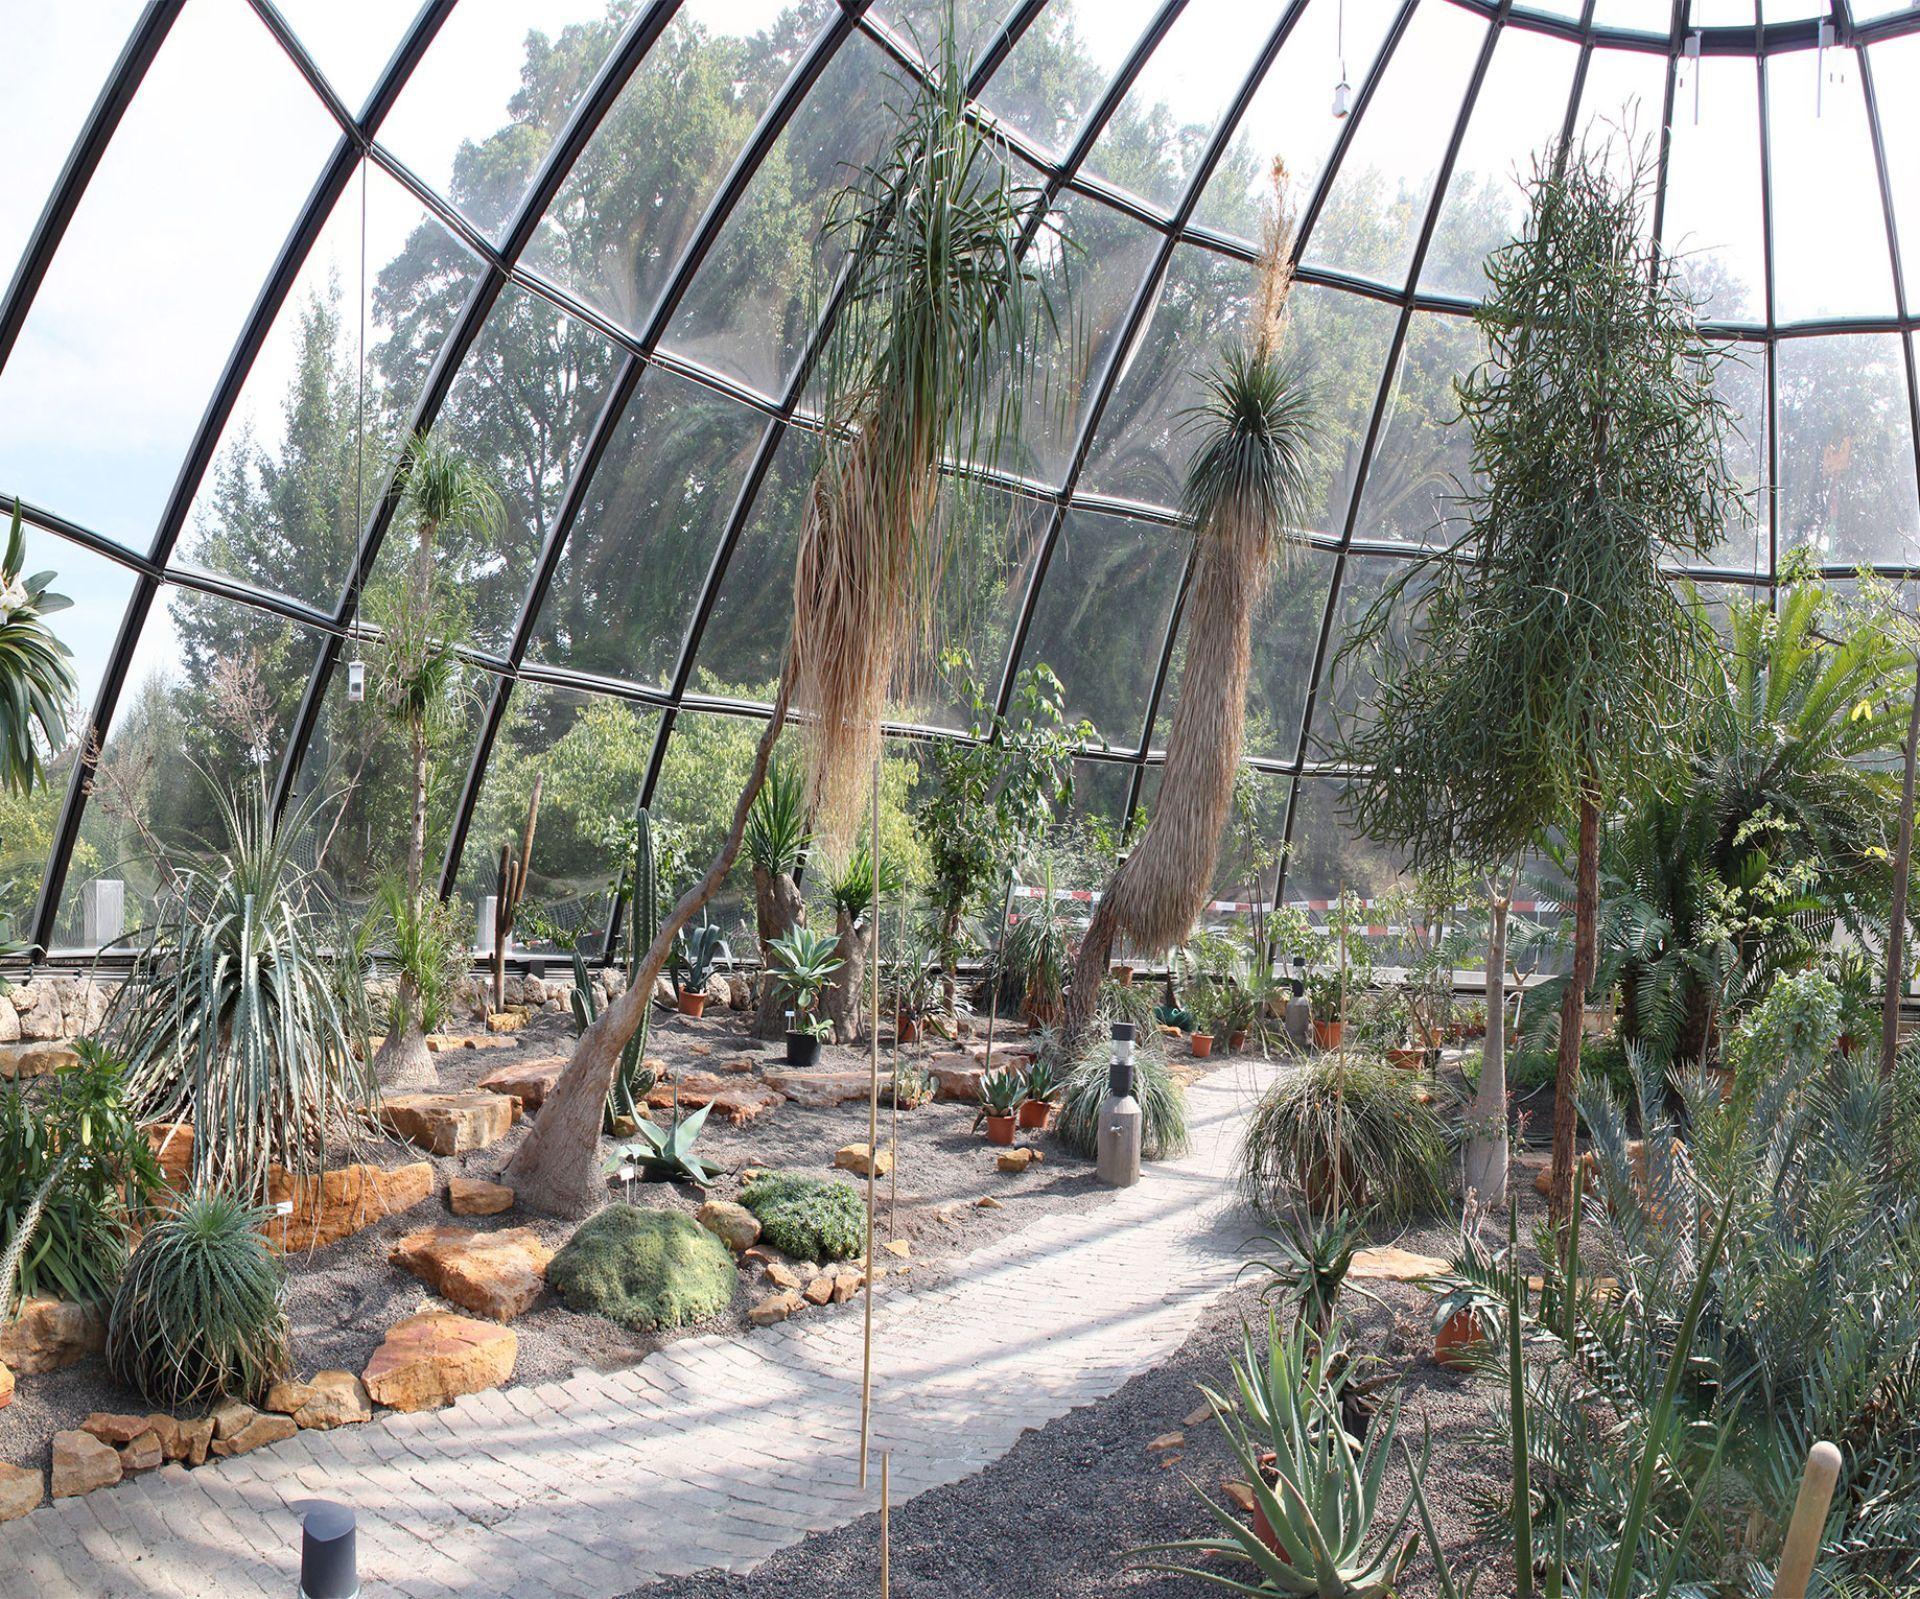 Botanische Garten Der Universitat Zurich Familien Ausflug Ideen Mit Kindern Auch In Den Ferien Kanton Zurich Cupulas Ladrillo